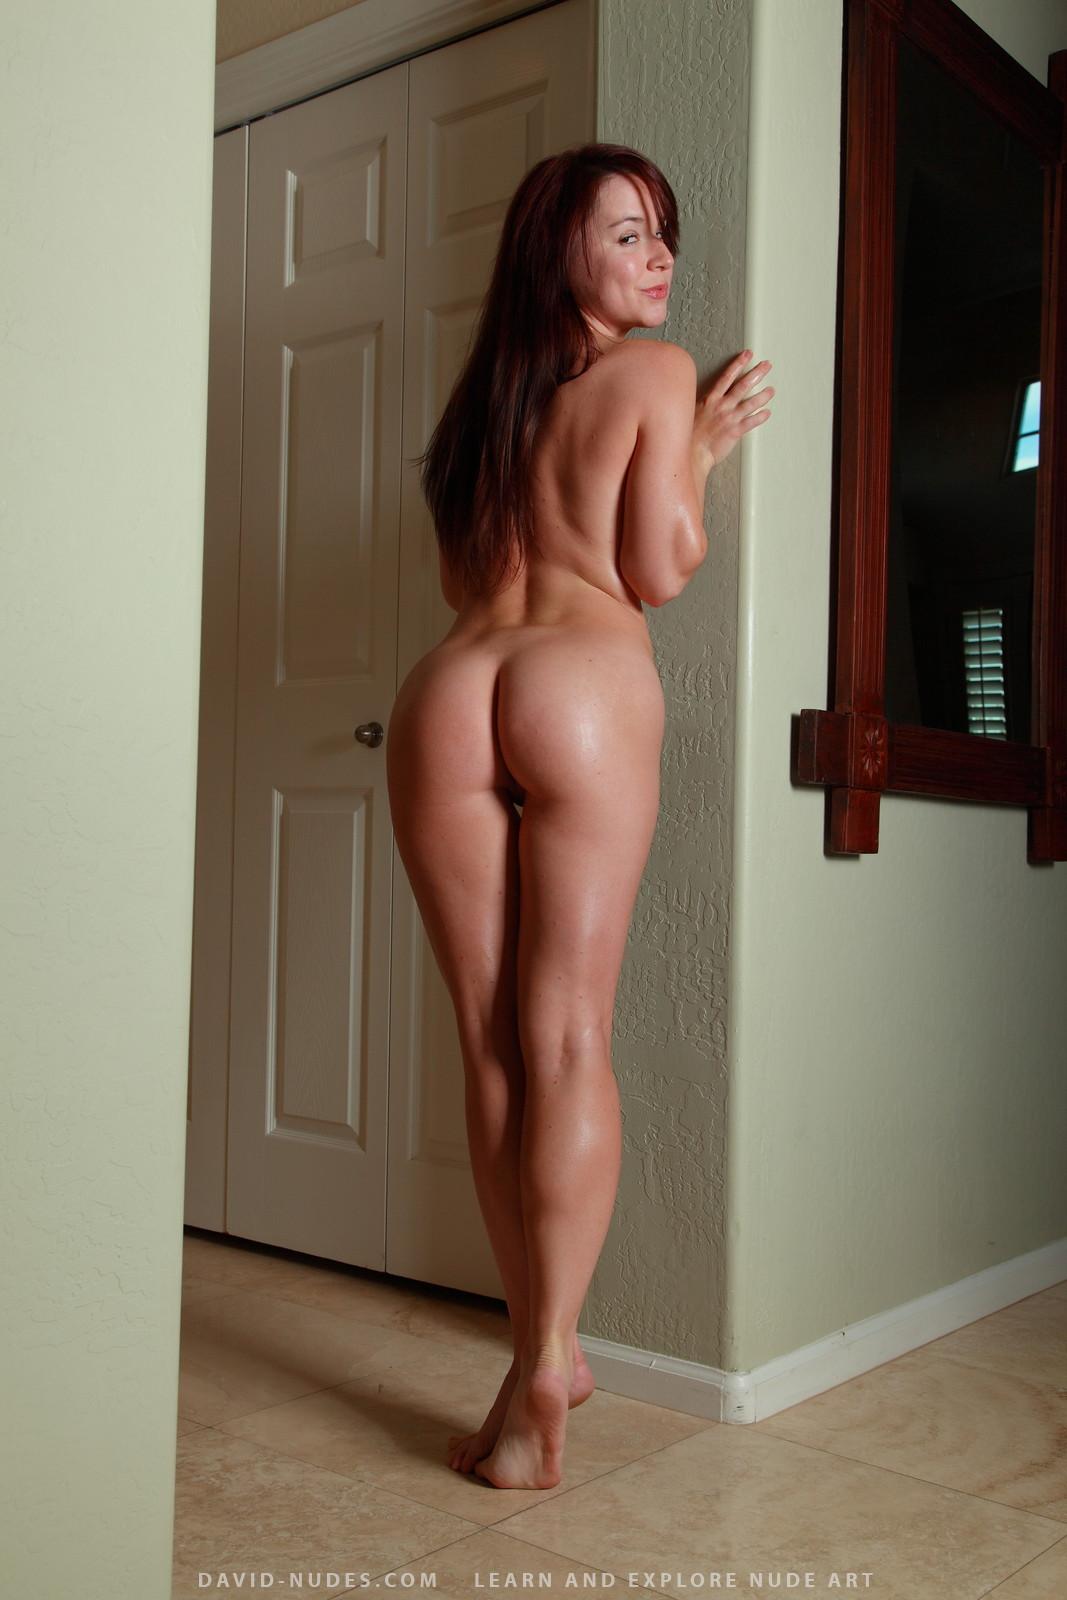 nude perfect ten girl